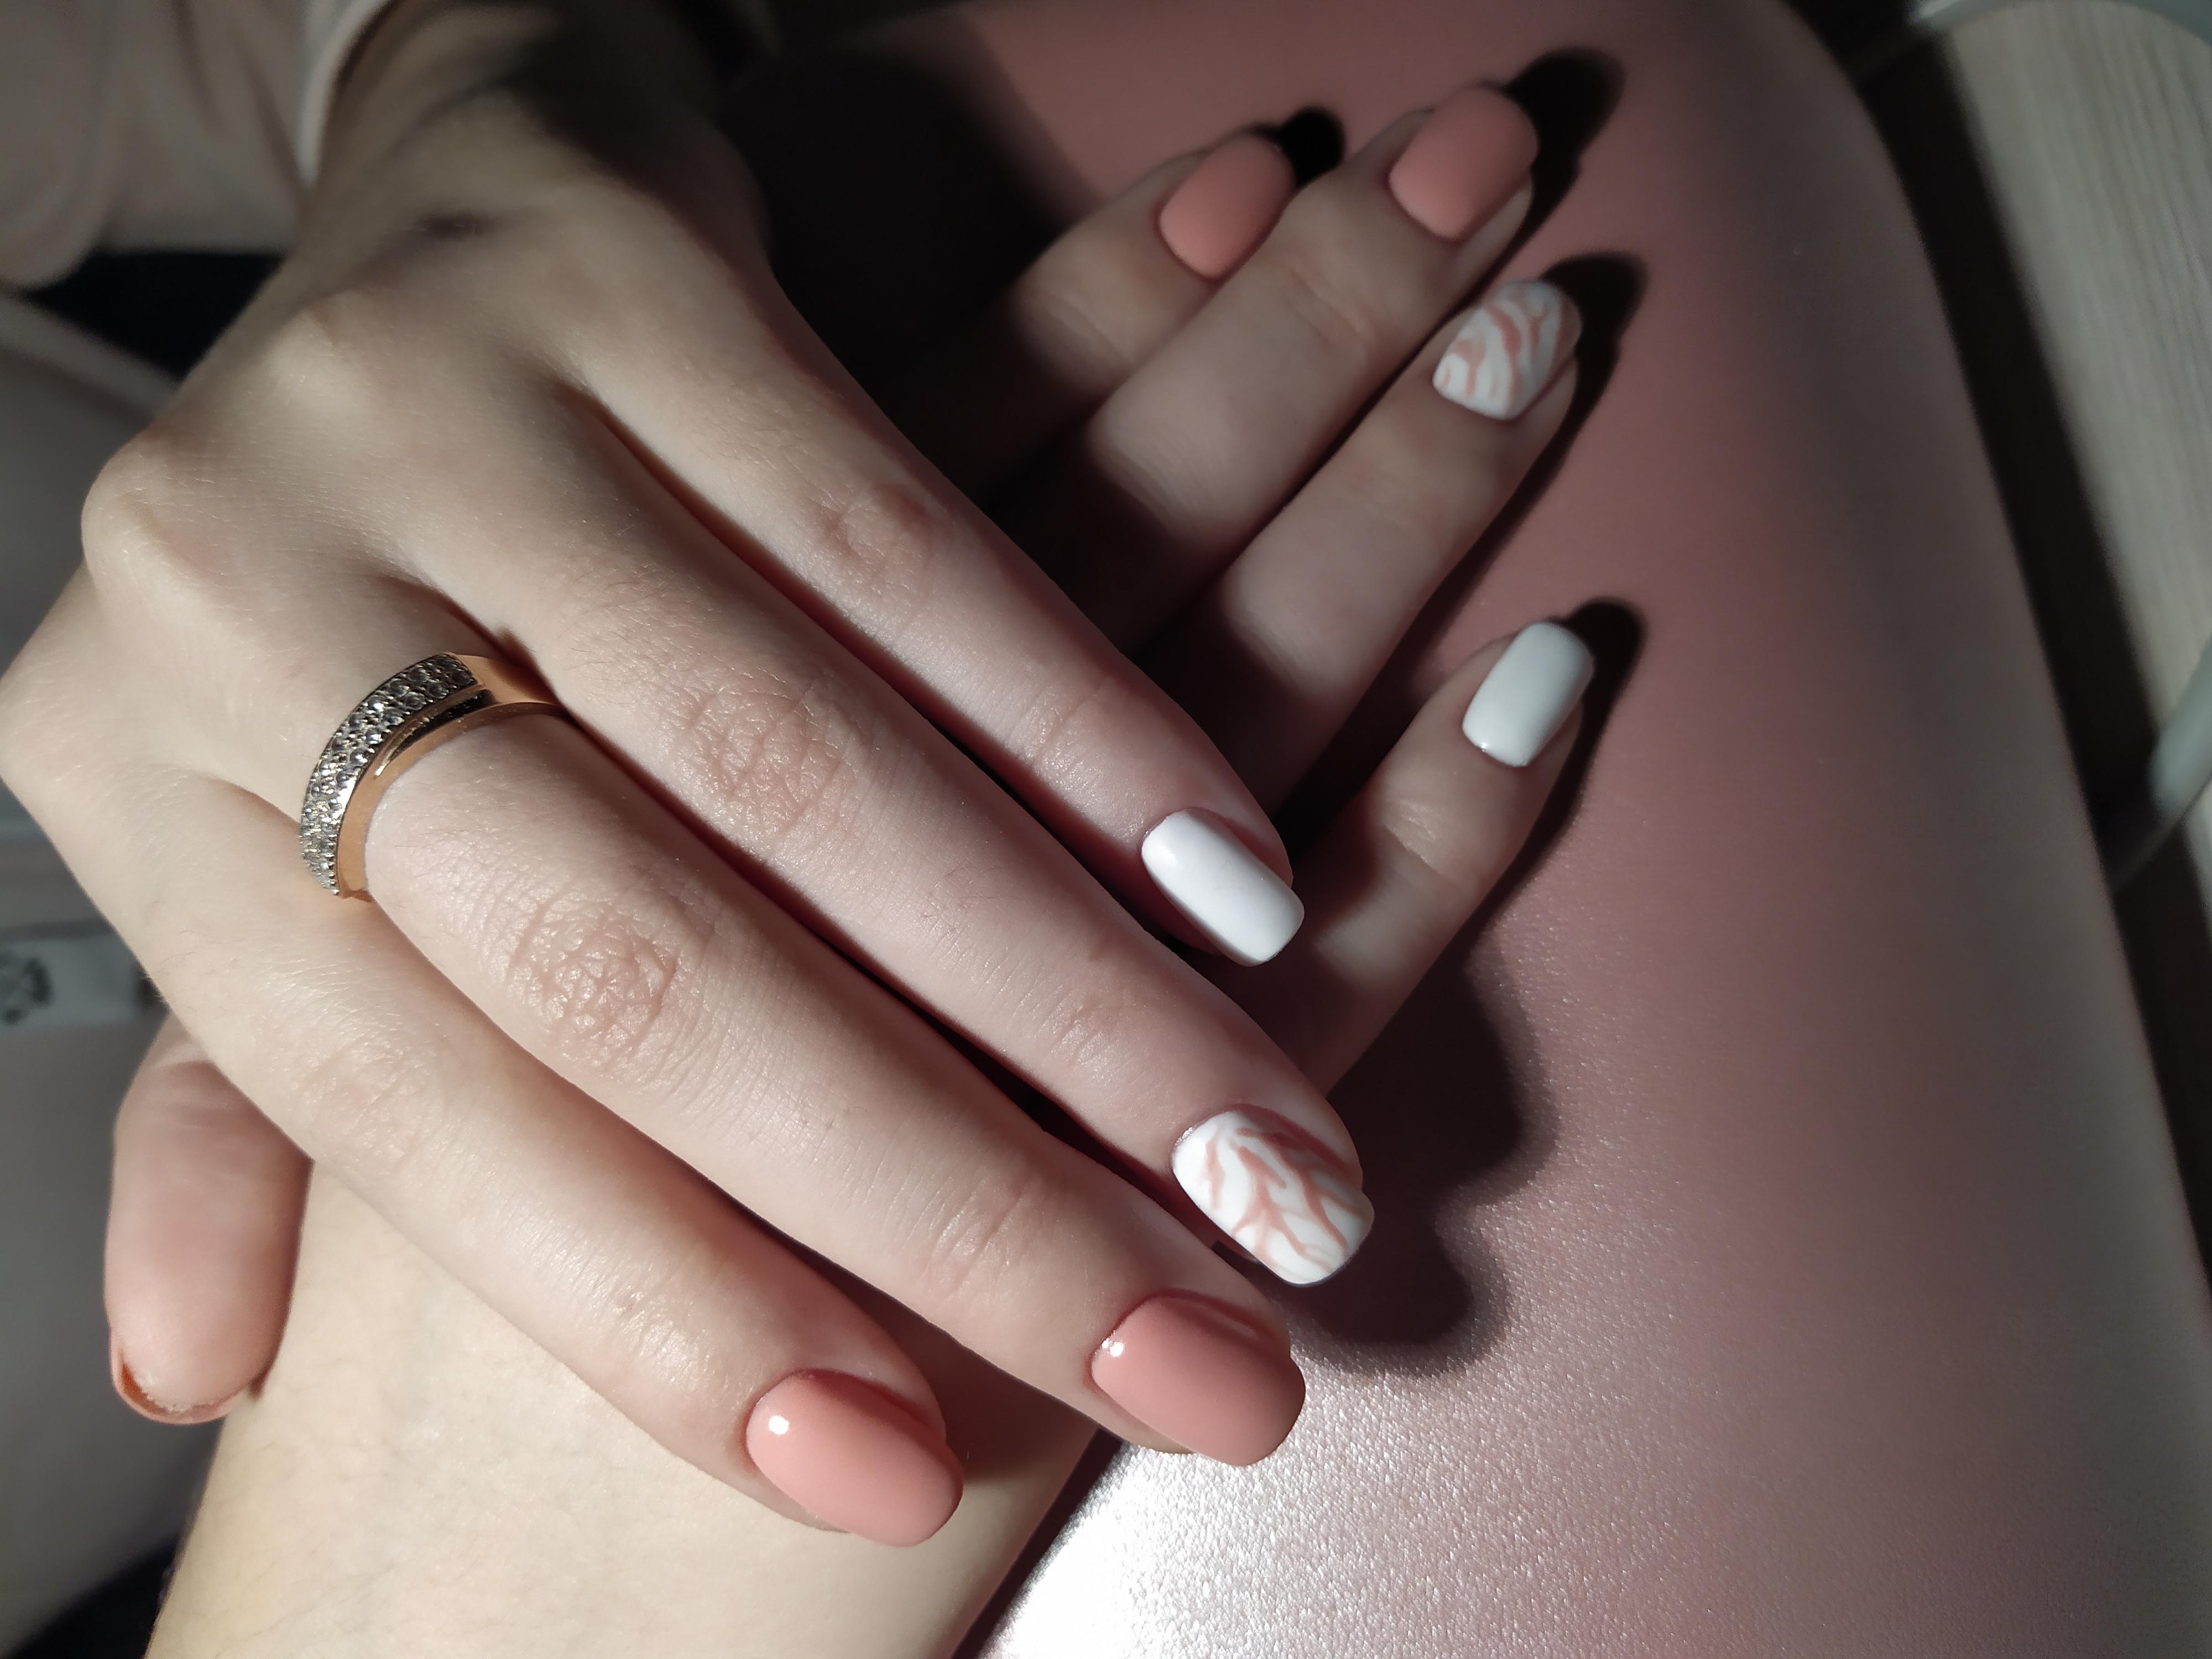 Маникюр в персиковом и белом цветах с абстрактным рисунком.